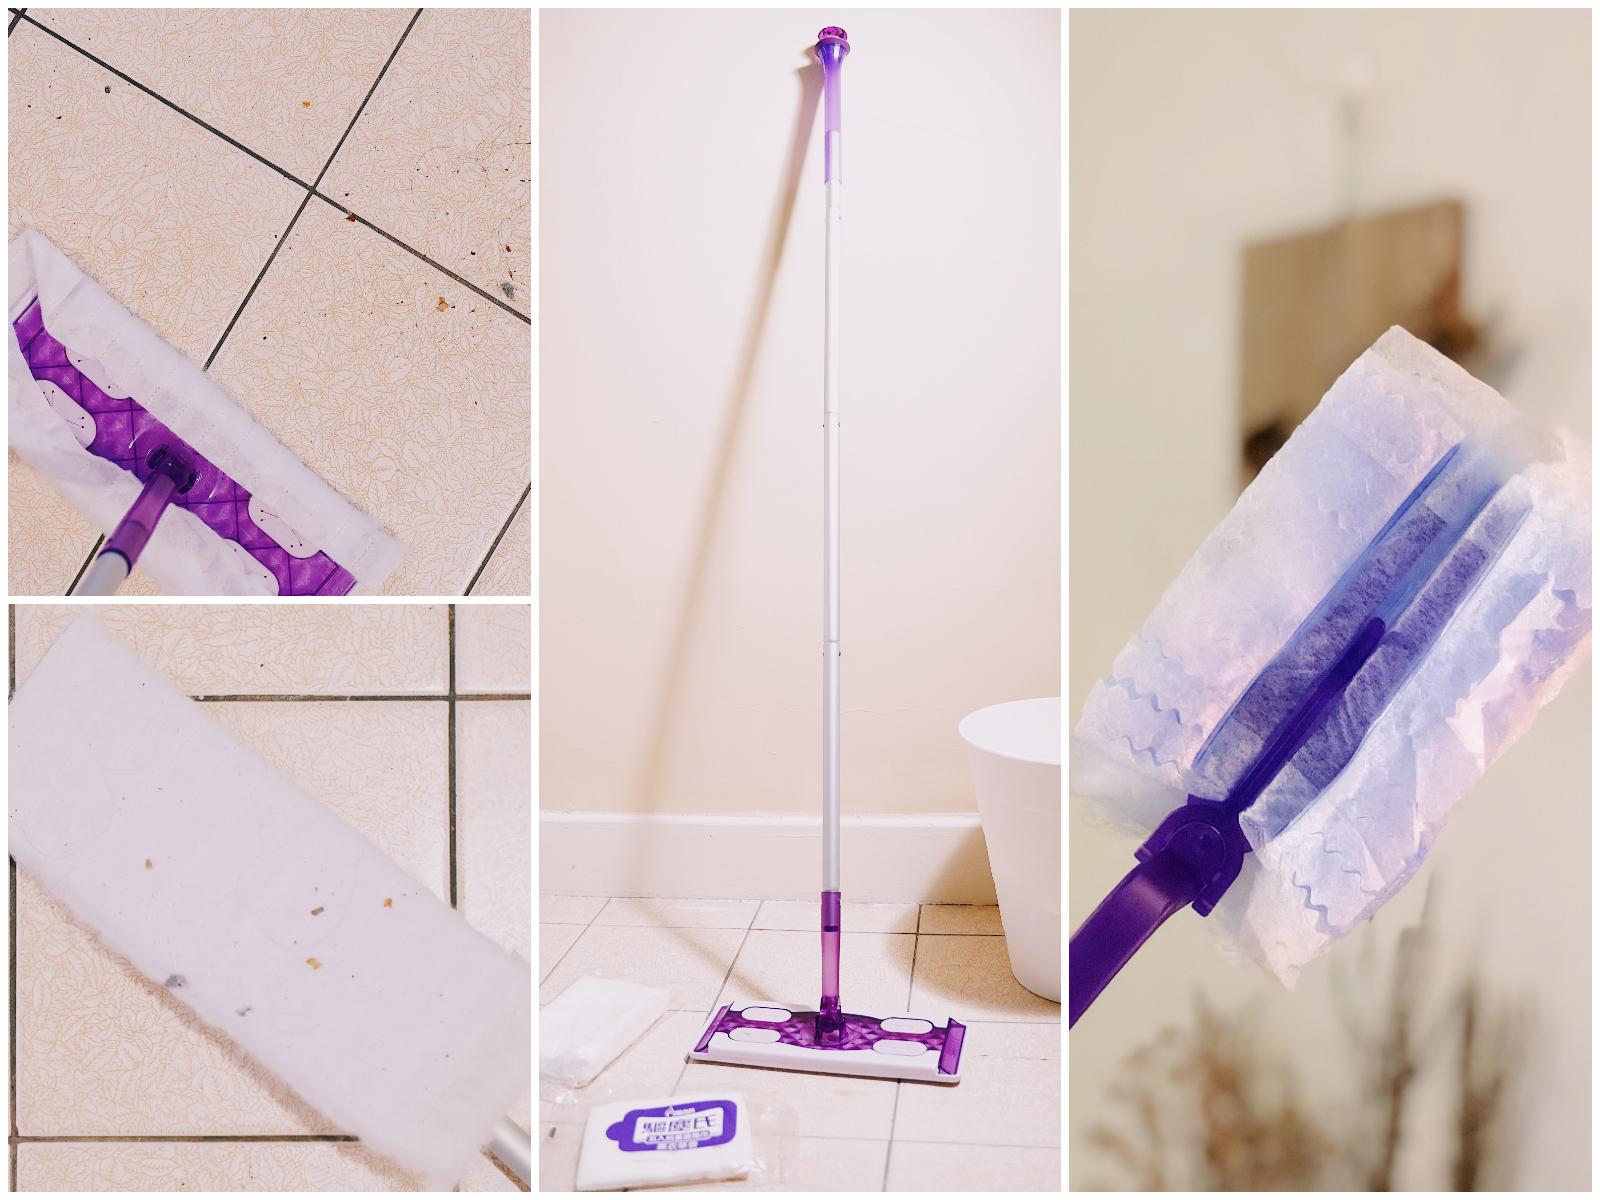 【除塵紙拖把推薦】驅塵氏靜電除塵紙+抗菌濕巾清潔力實測,懶人可以靠它們了